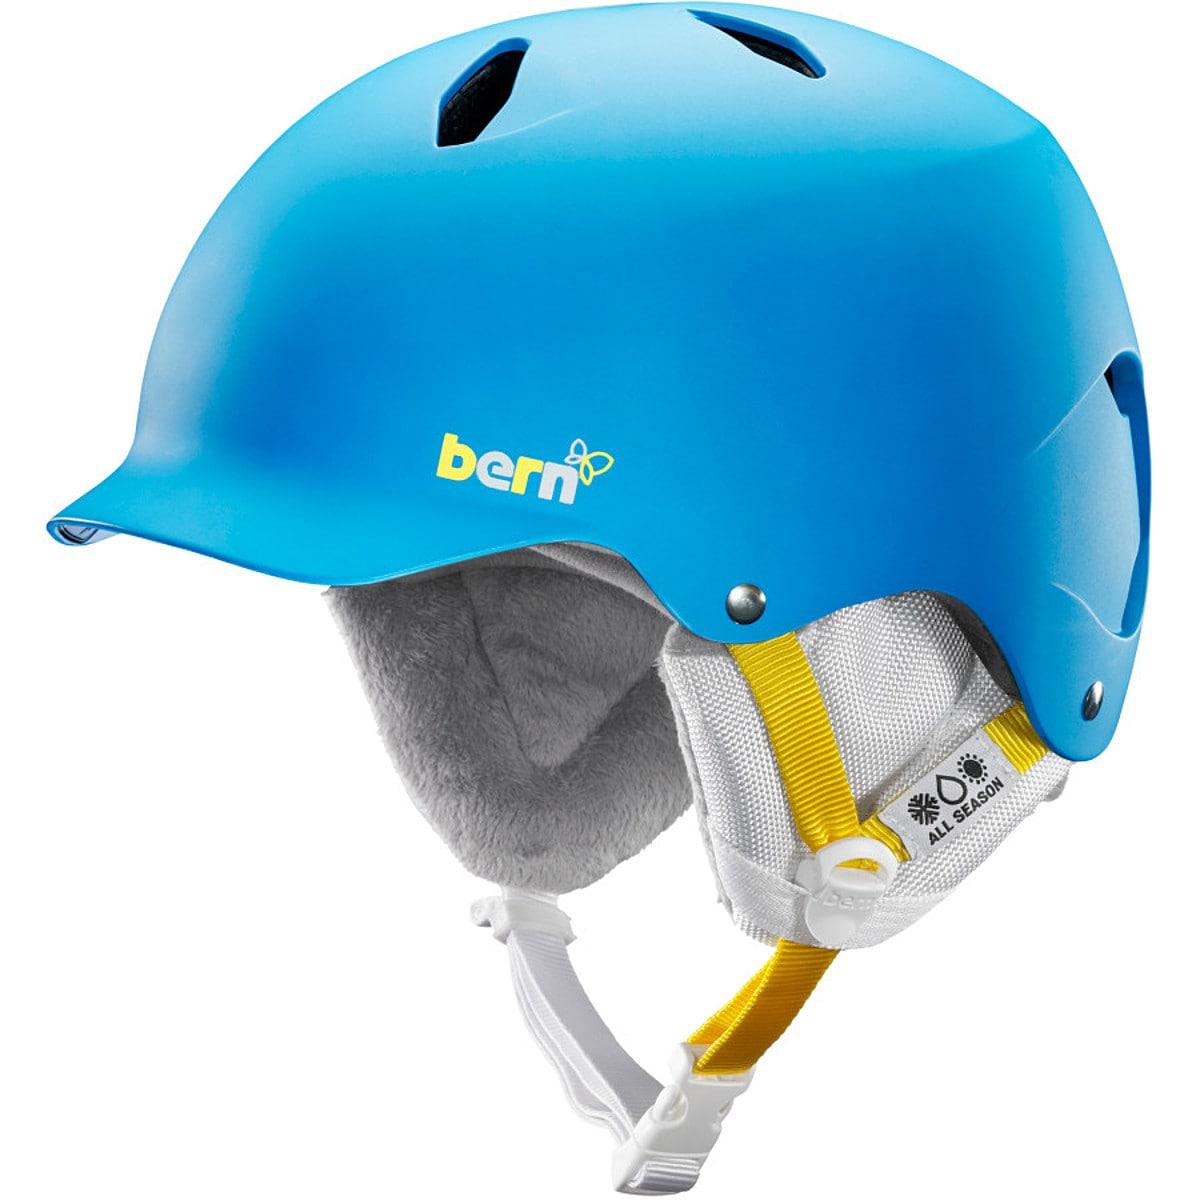 Bern Bandita